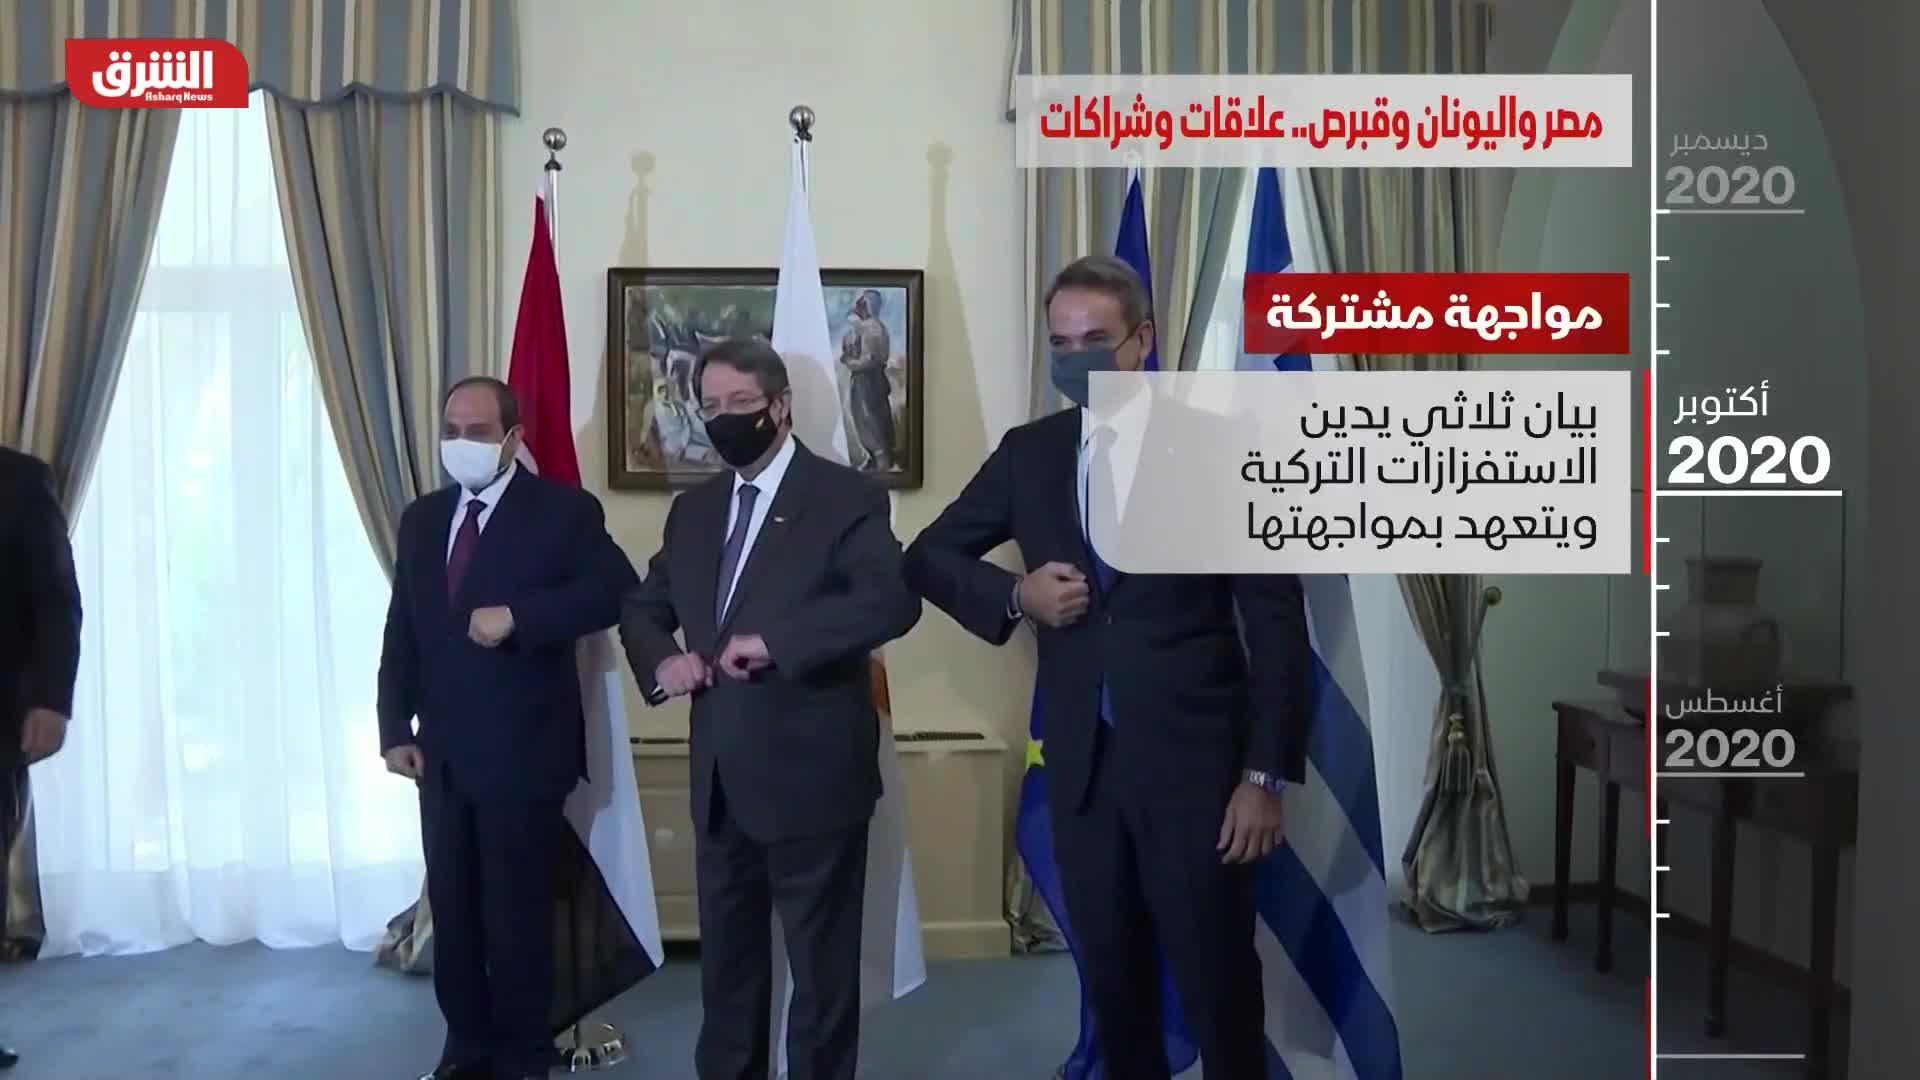 مصر واليونان وقبرص.. علاقات وشراكات